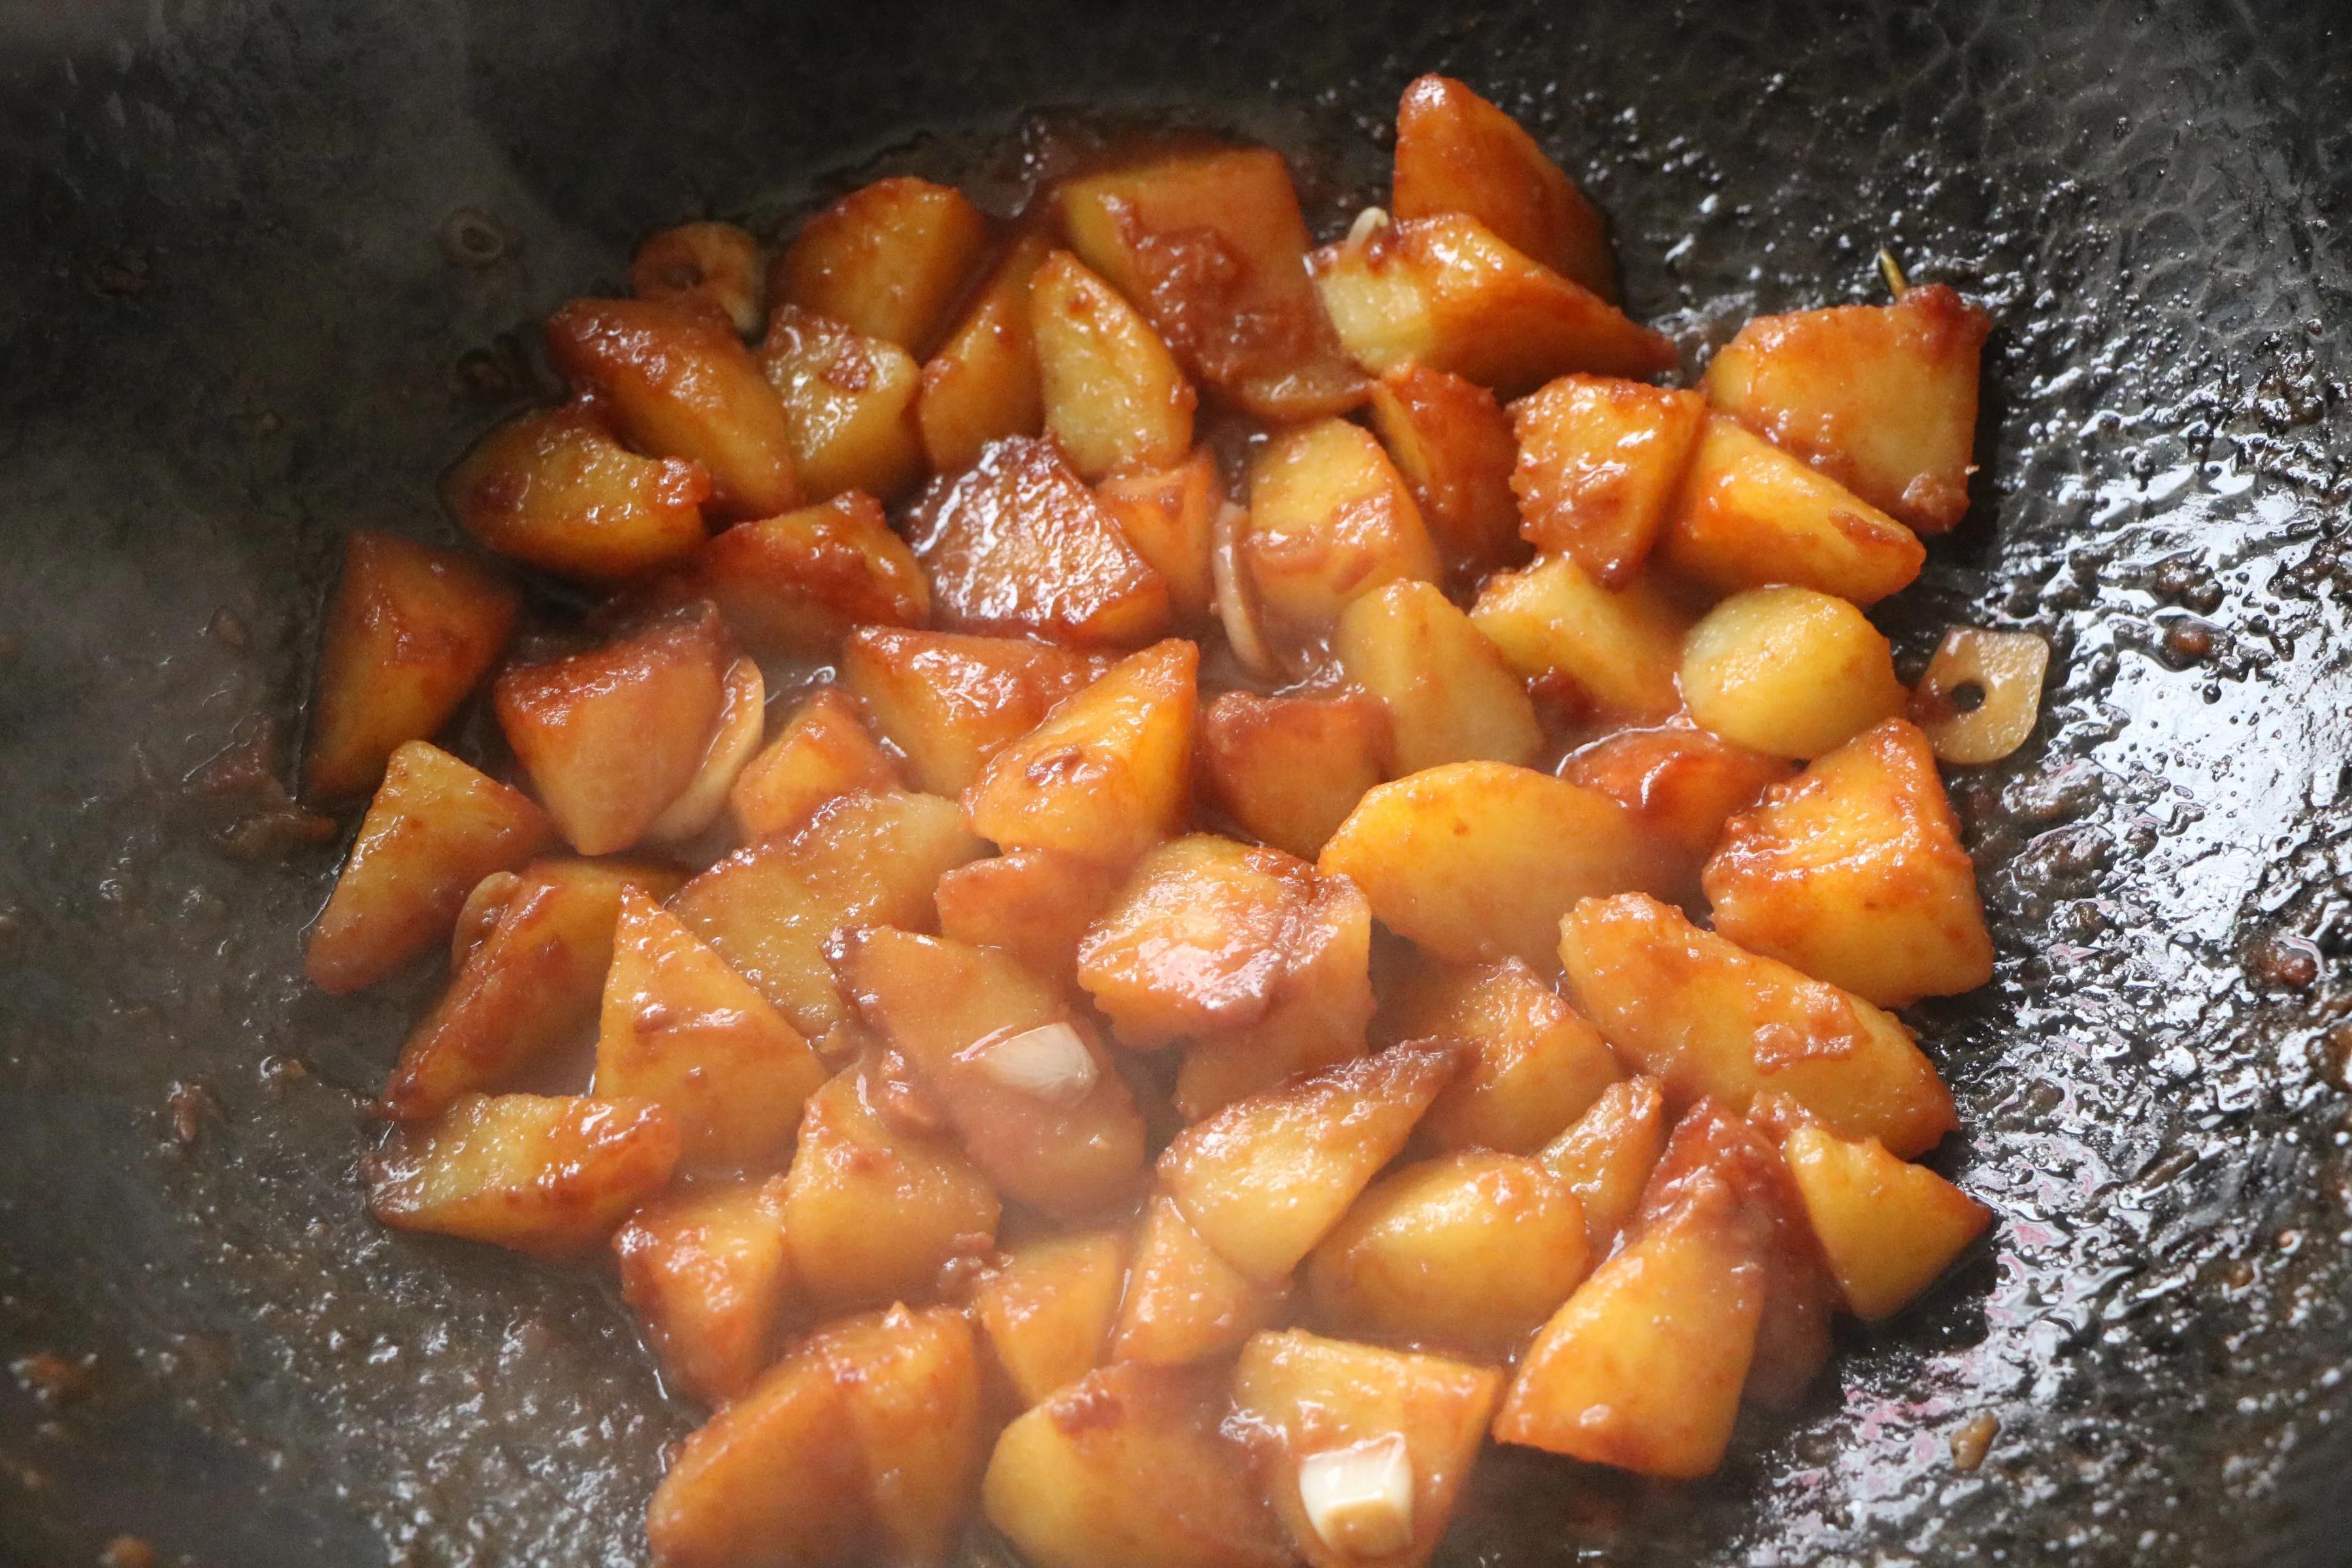 土豆簡單做一做,當飯又當菜,軟爛入味,入口即化,比紅燒還過癮